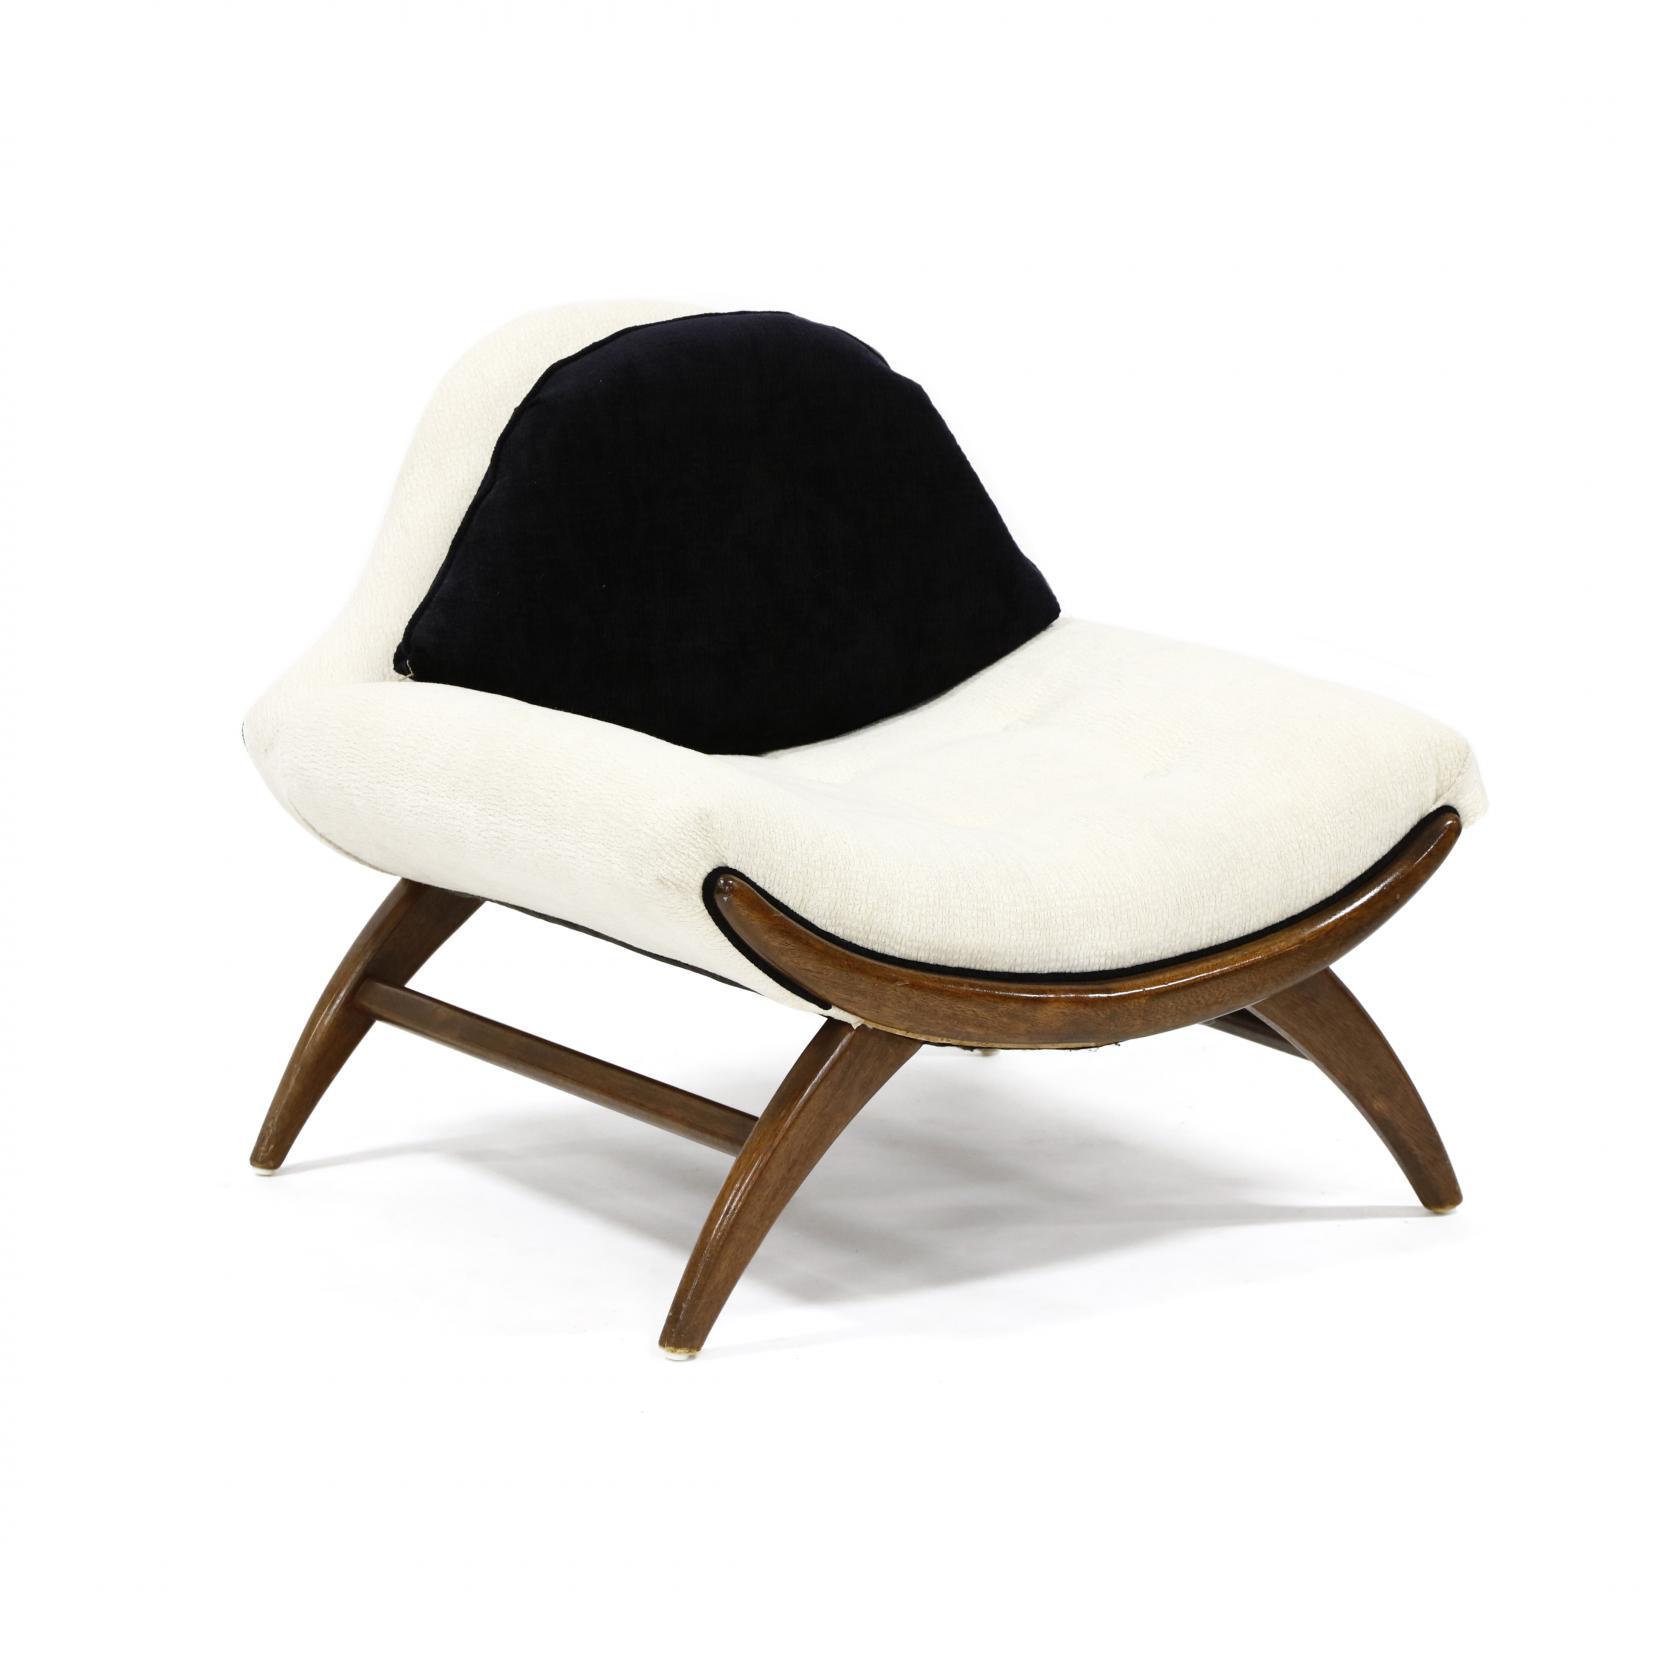 adrian-pearsall-club-chair